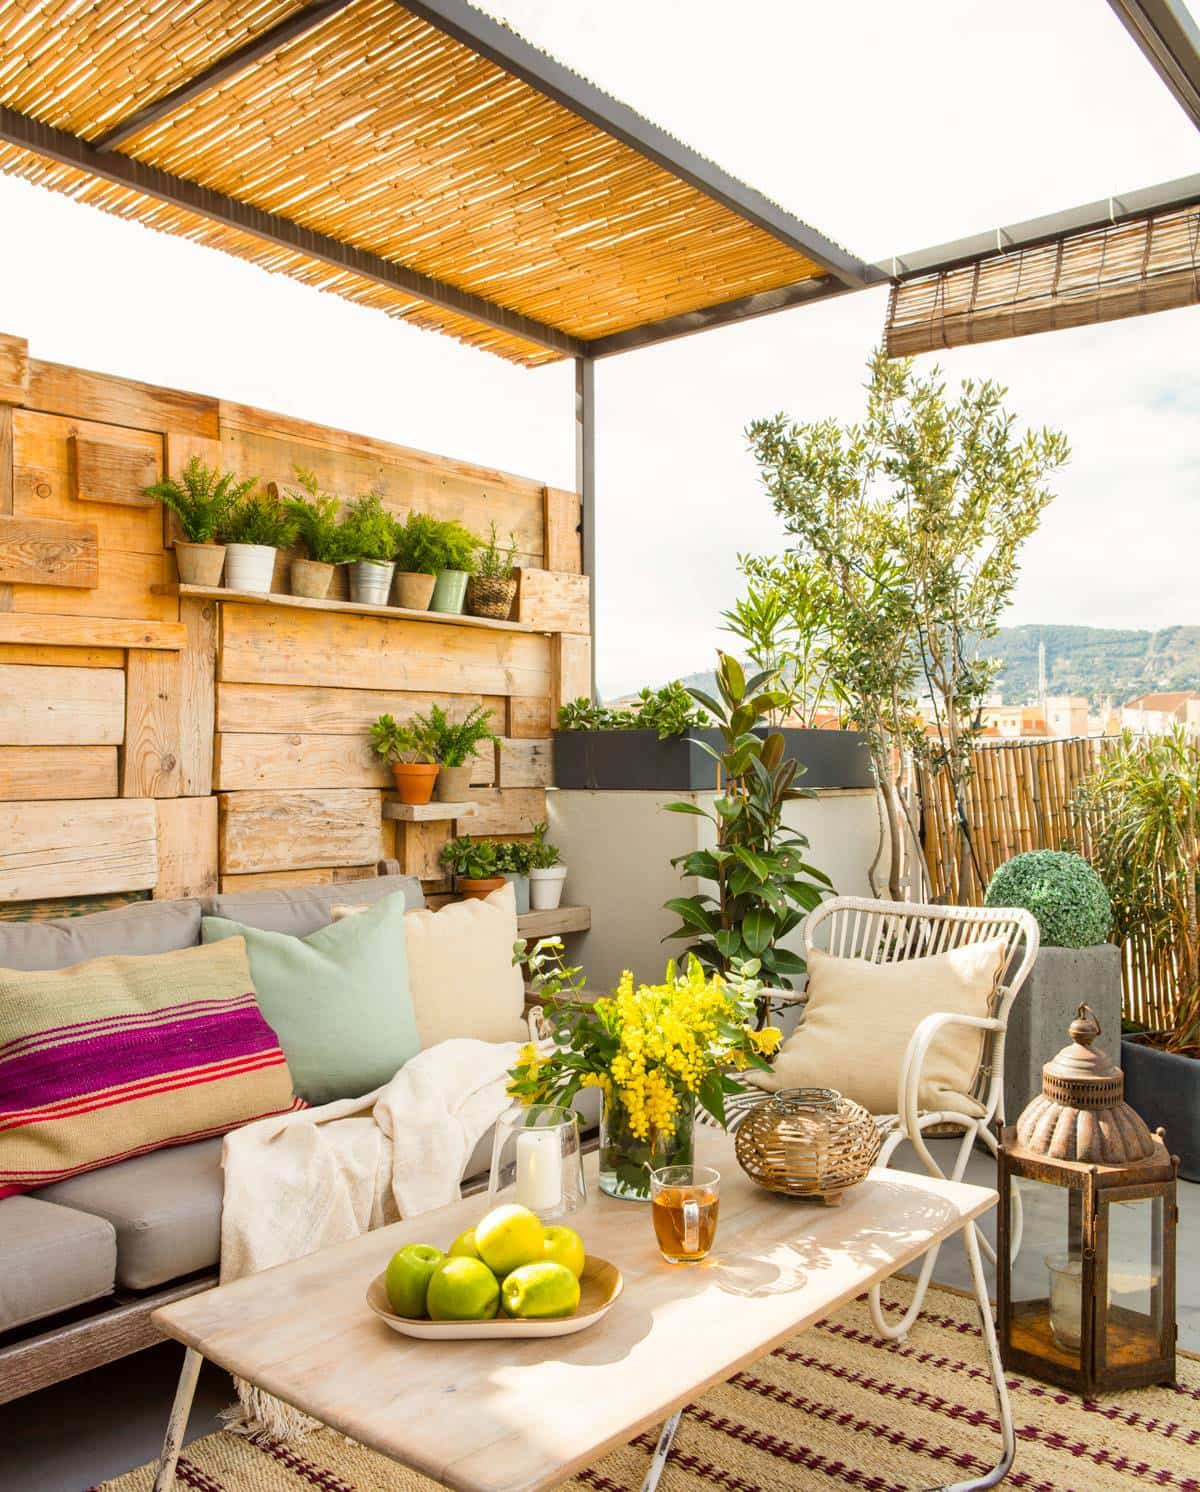 claves para elegir las mejores telas de exterior para la terraza 9